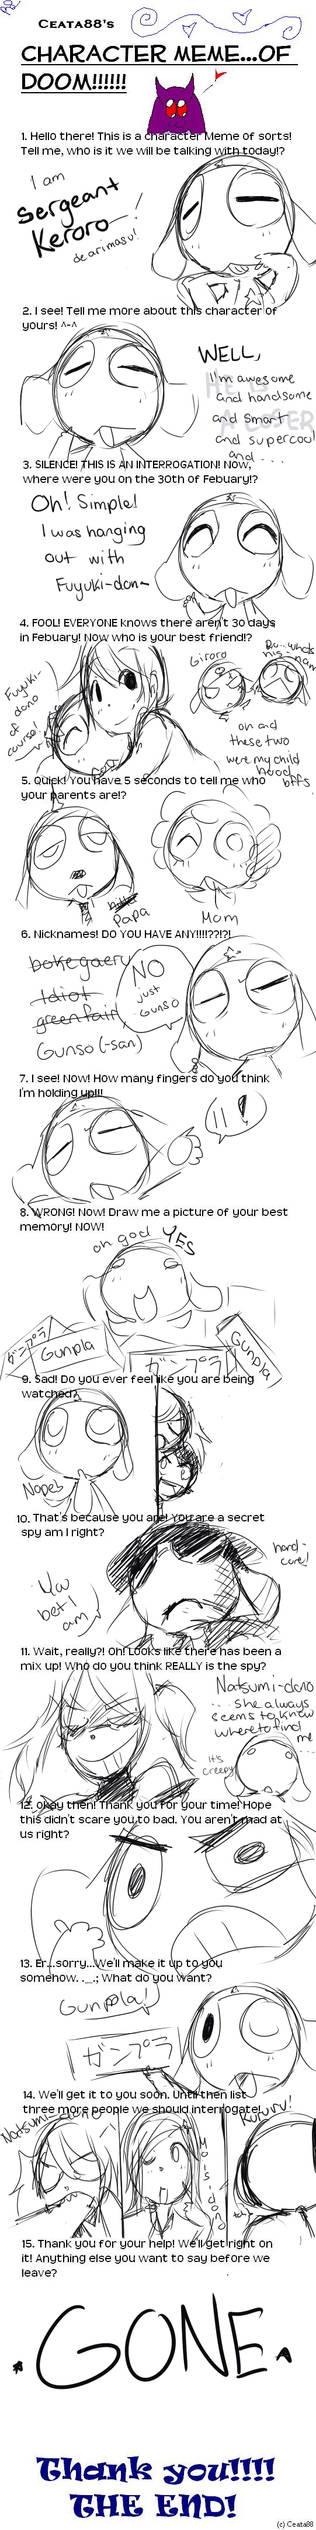 Meme Of Sorts, De Arimasu